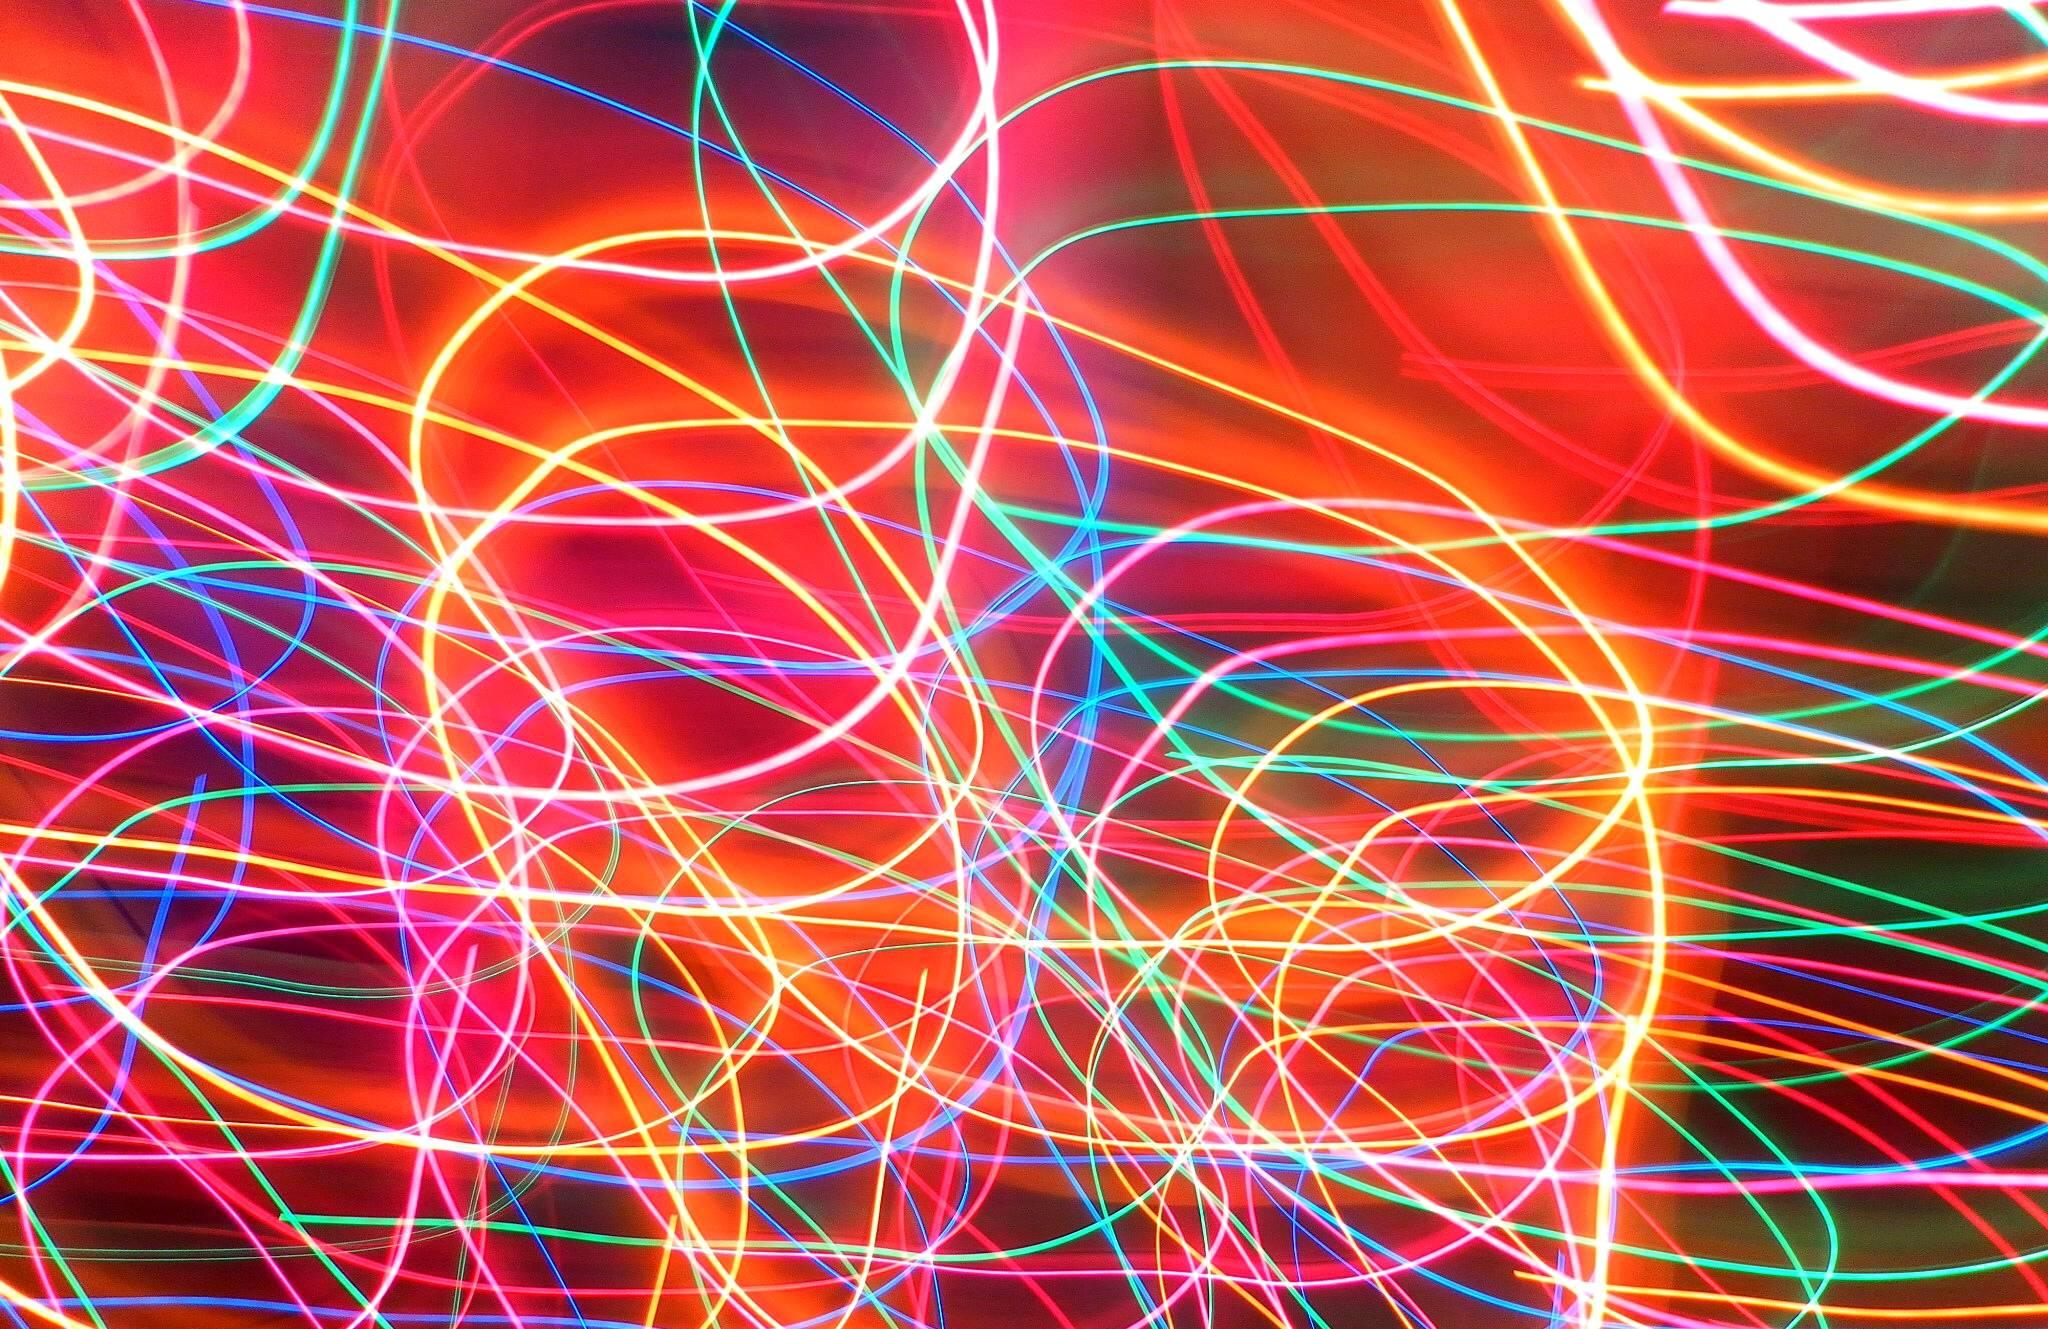 Neon Lights Wallpapers 2048x1329